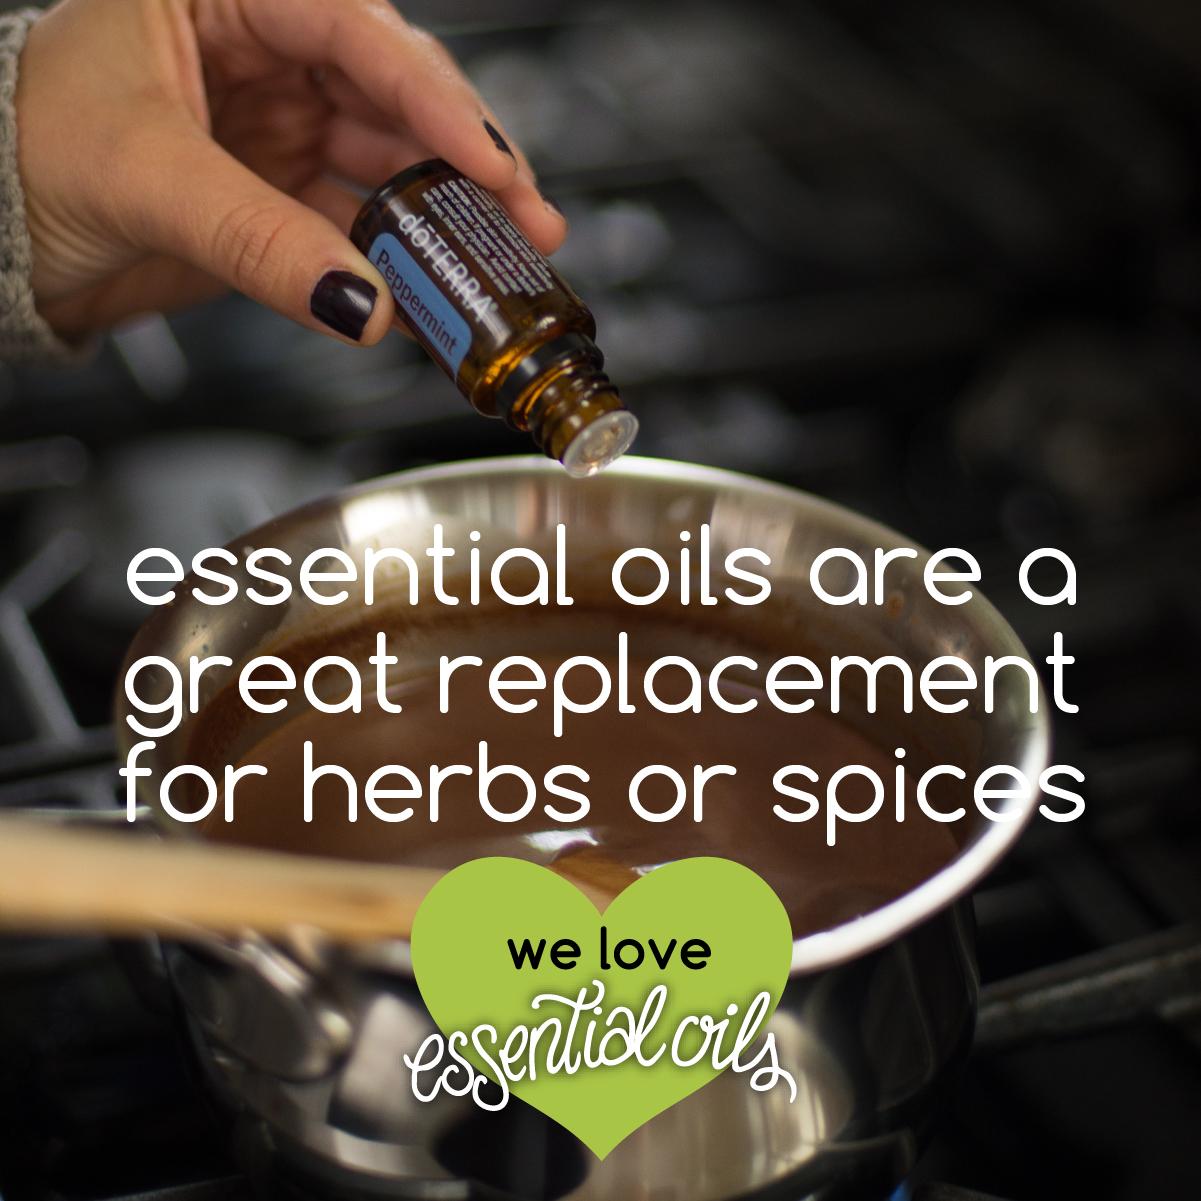 essential oil fun facts-08.jpg